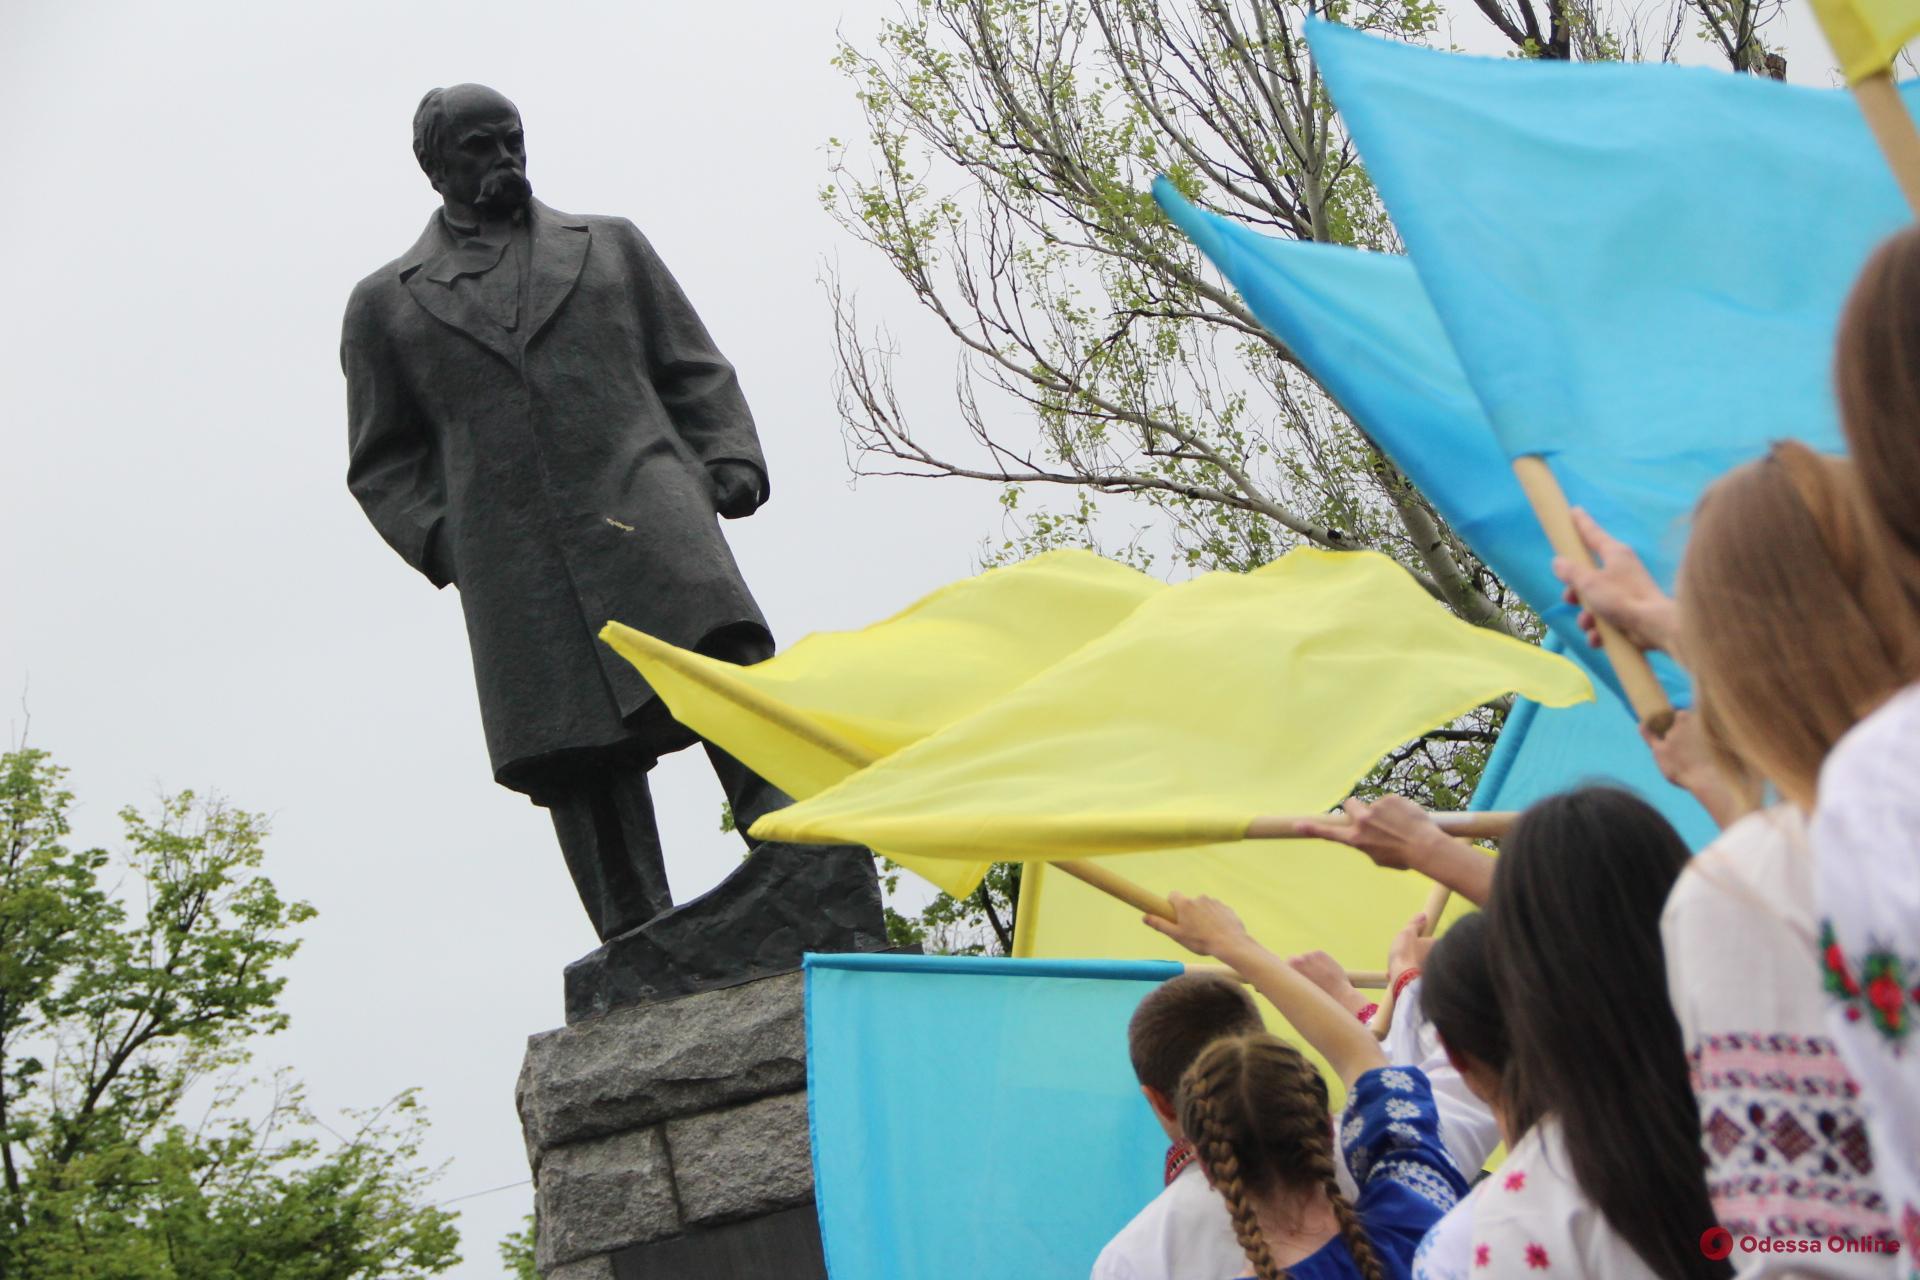 Курсанты Одесского ГУВД устроили марш по случаю Дня вышиванки (фото, видео)